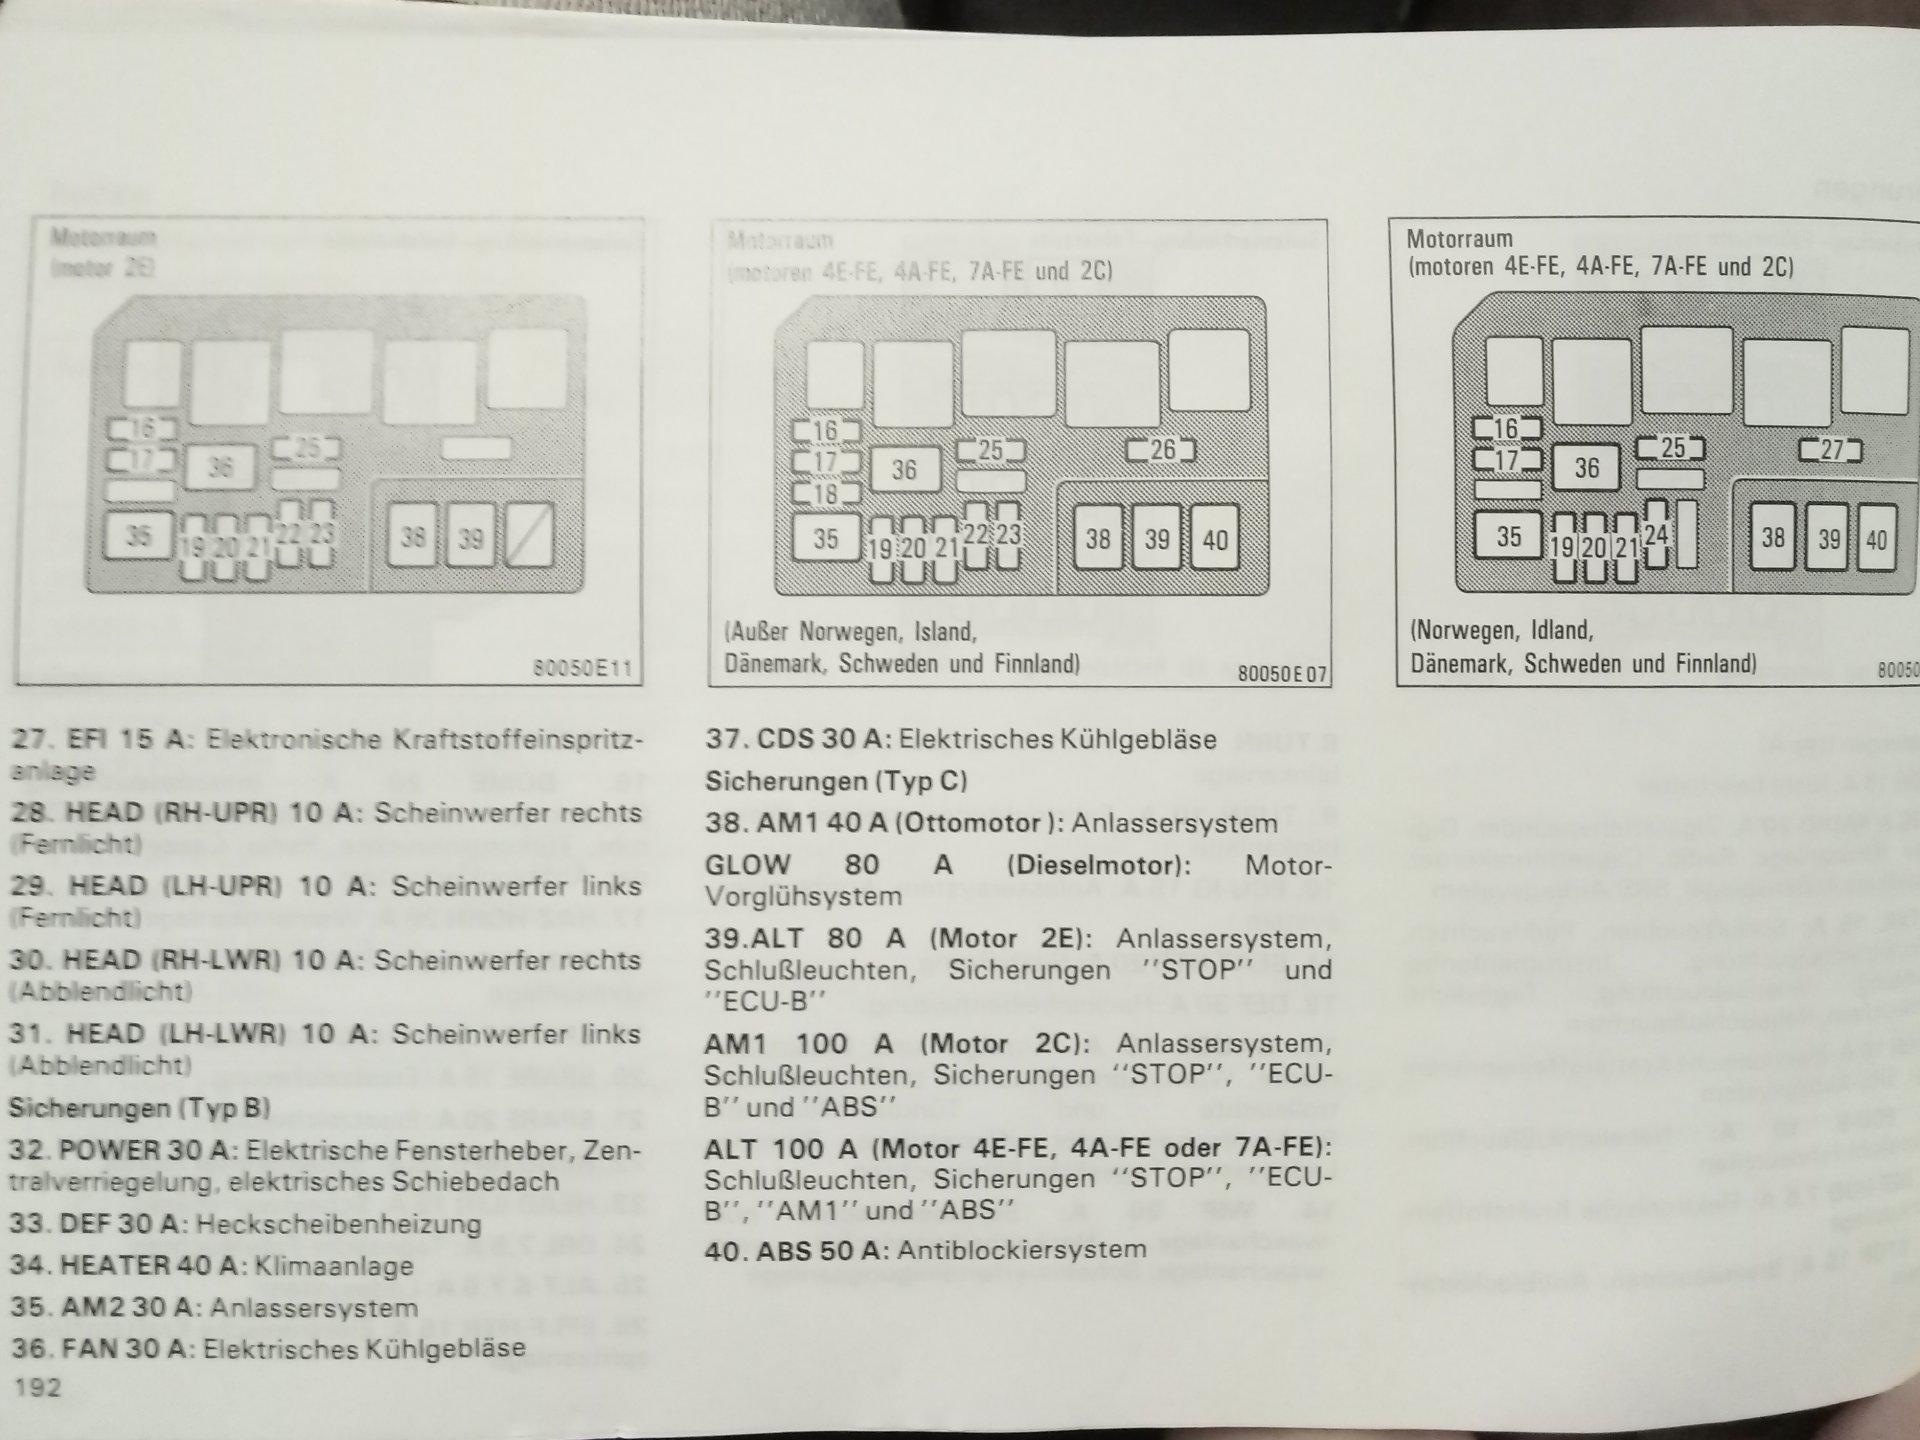 9AE587CC-507D-4986-B686-8D2AF141FEF9.jpeg